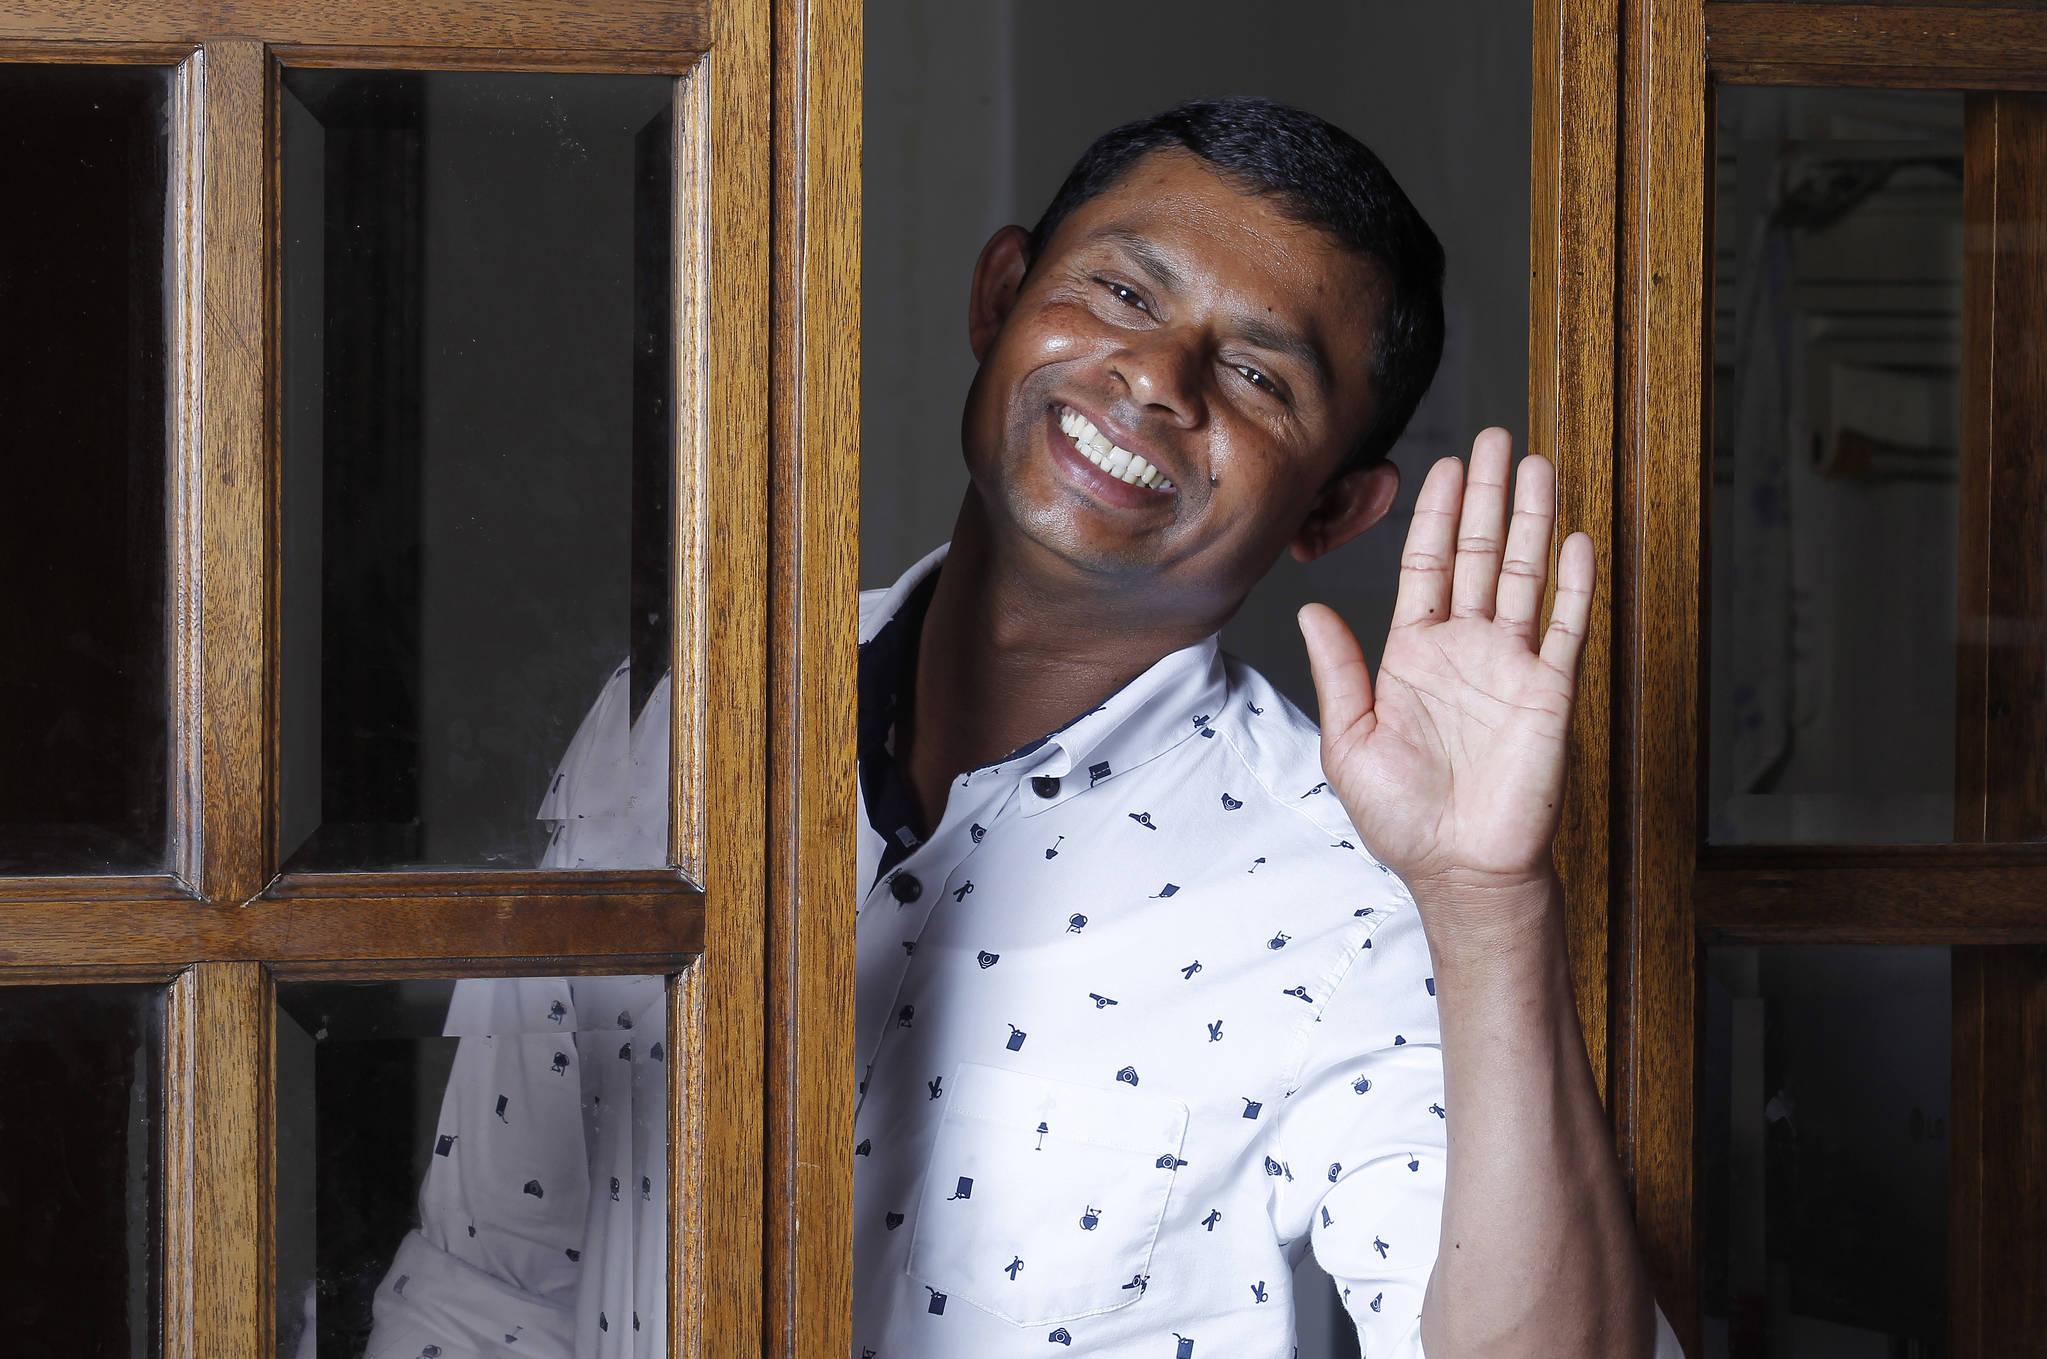 16일 대구 스리랑카사원에서 니말 시리 반다라(38)이 인터뷰에 응했다. 니말은 지난 2월 경북 군위 주택 화재 때 불속에서 할머니를 구조하느라 폐가 손상됐다. 이때문에 인터뷰 내내 기침을 했다. 프리랜서 공정식